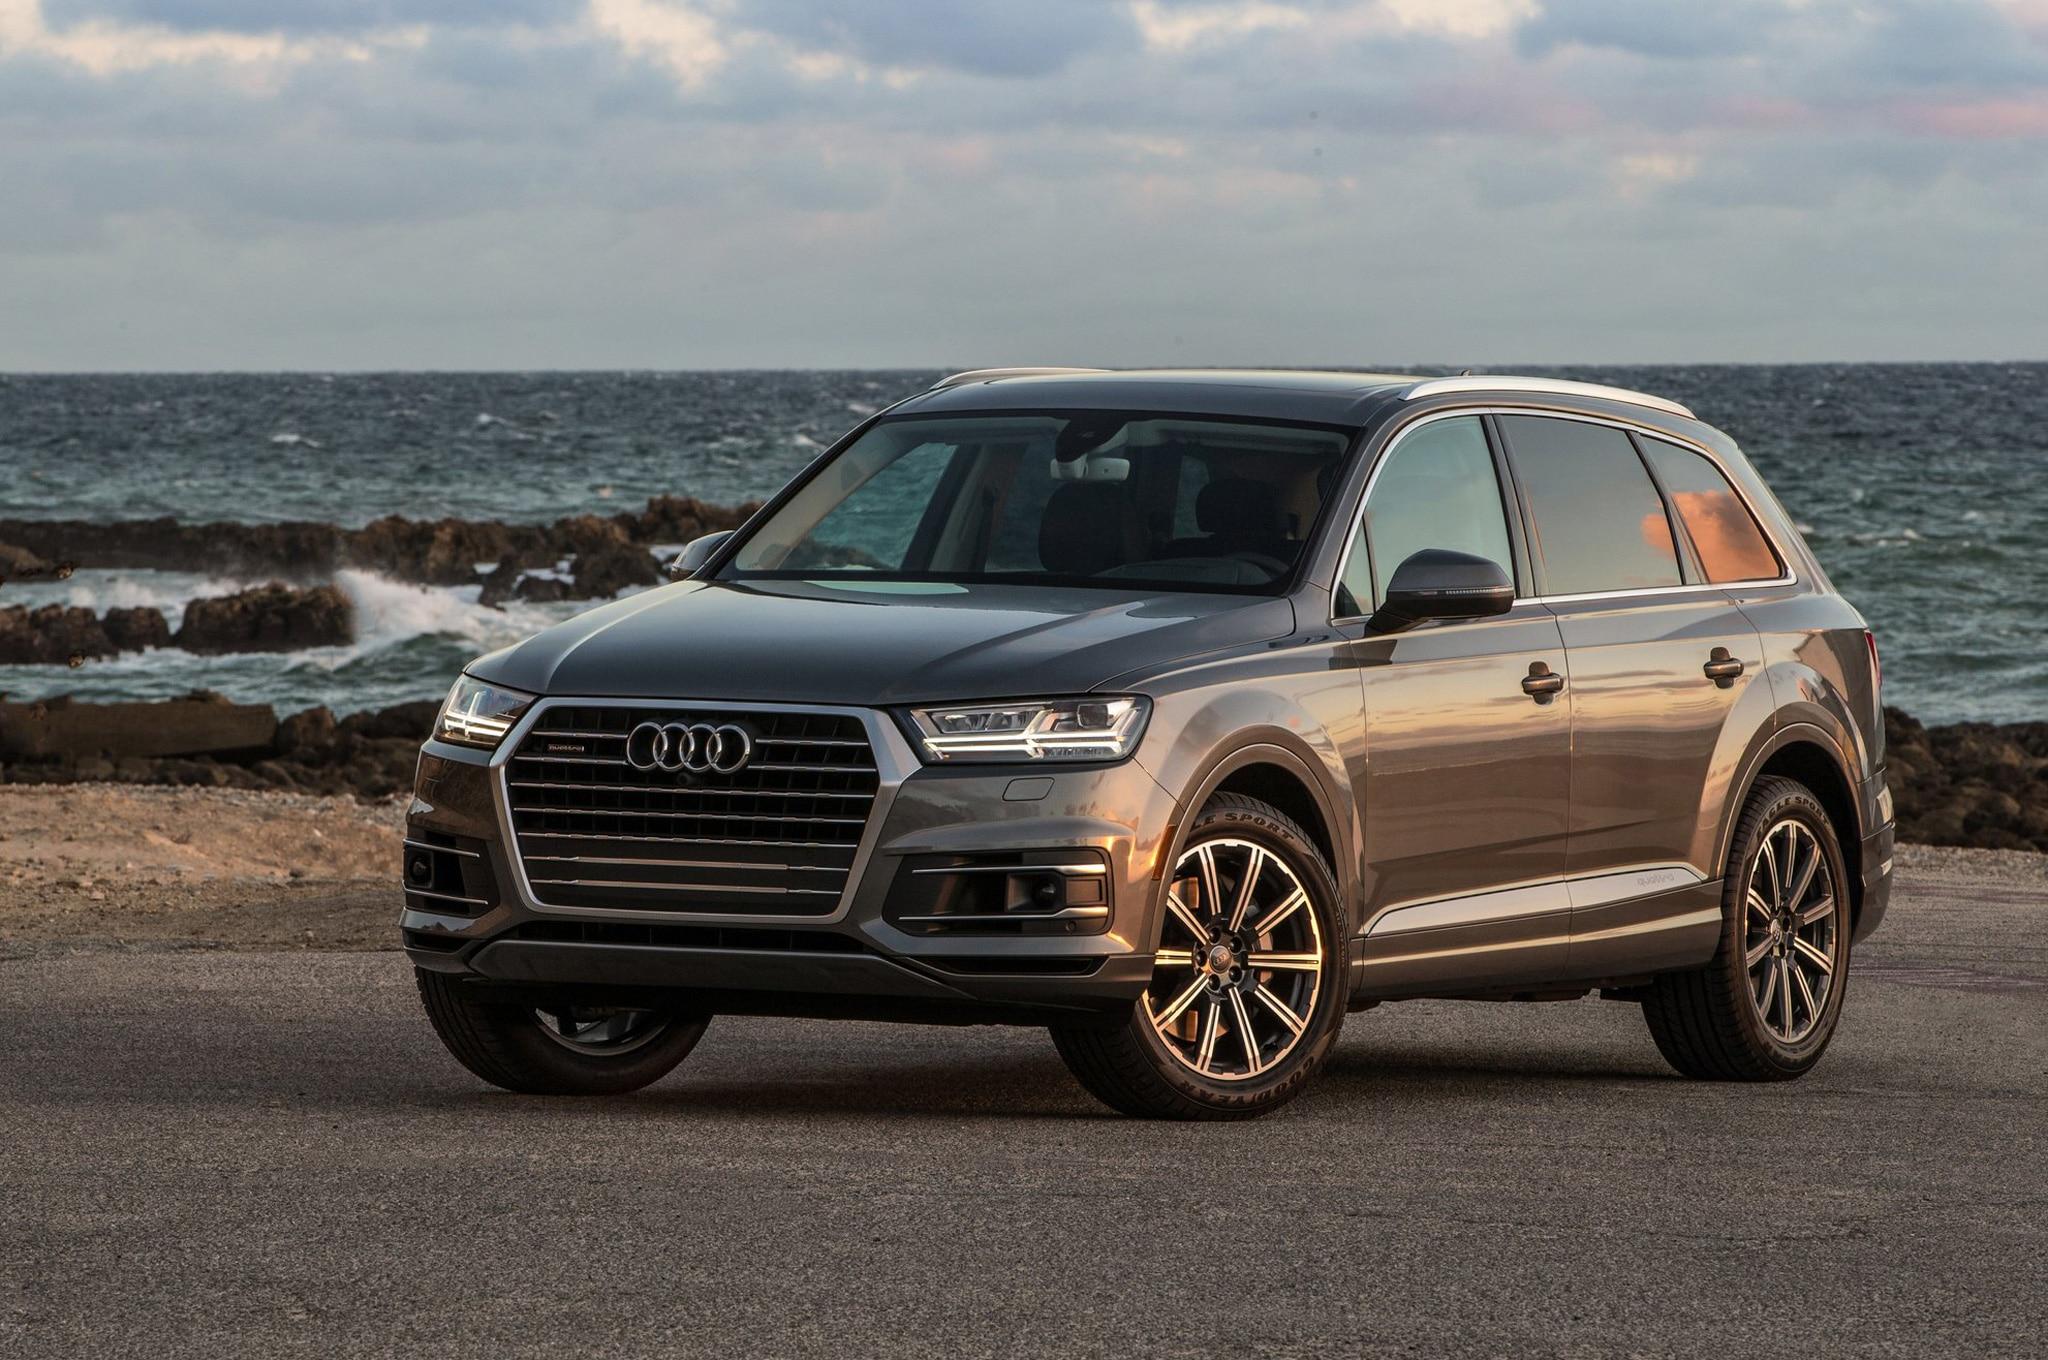 2017 Audi Q7 front three quarter 03